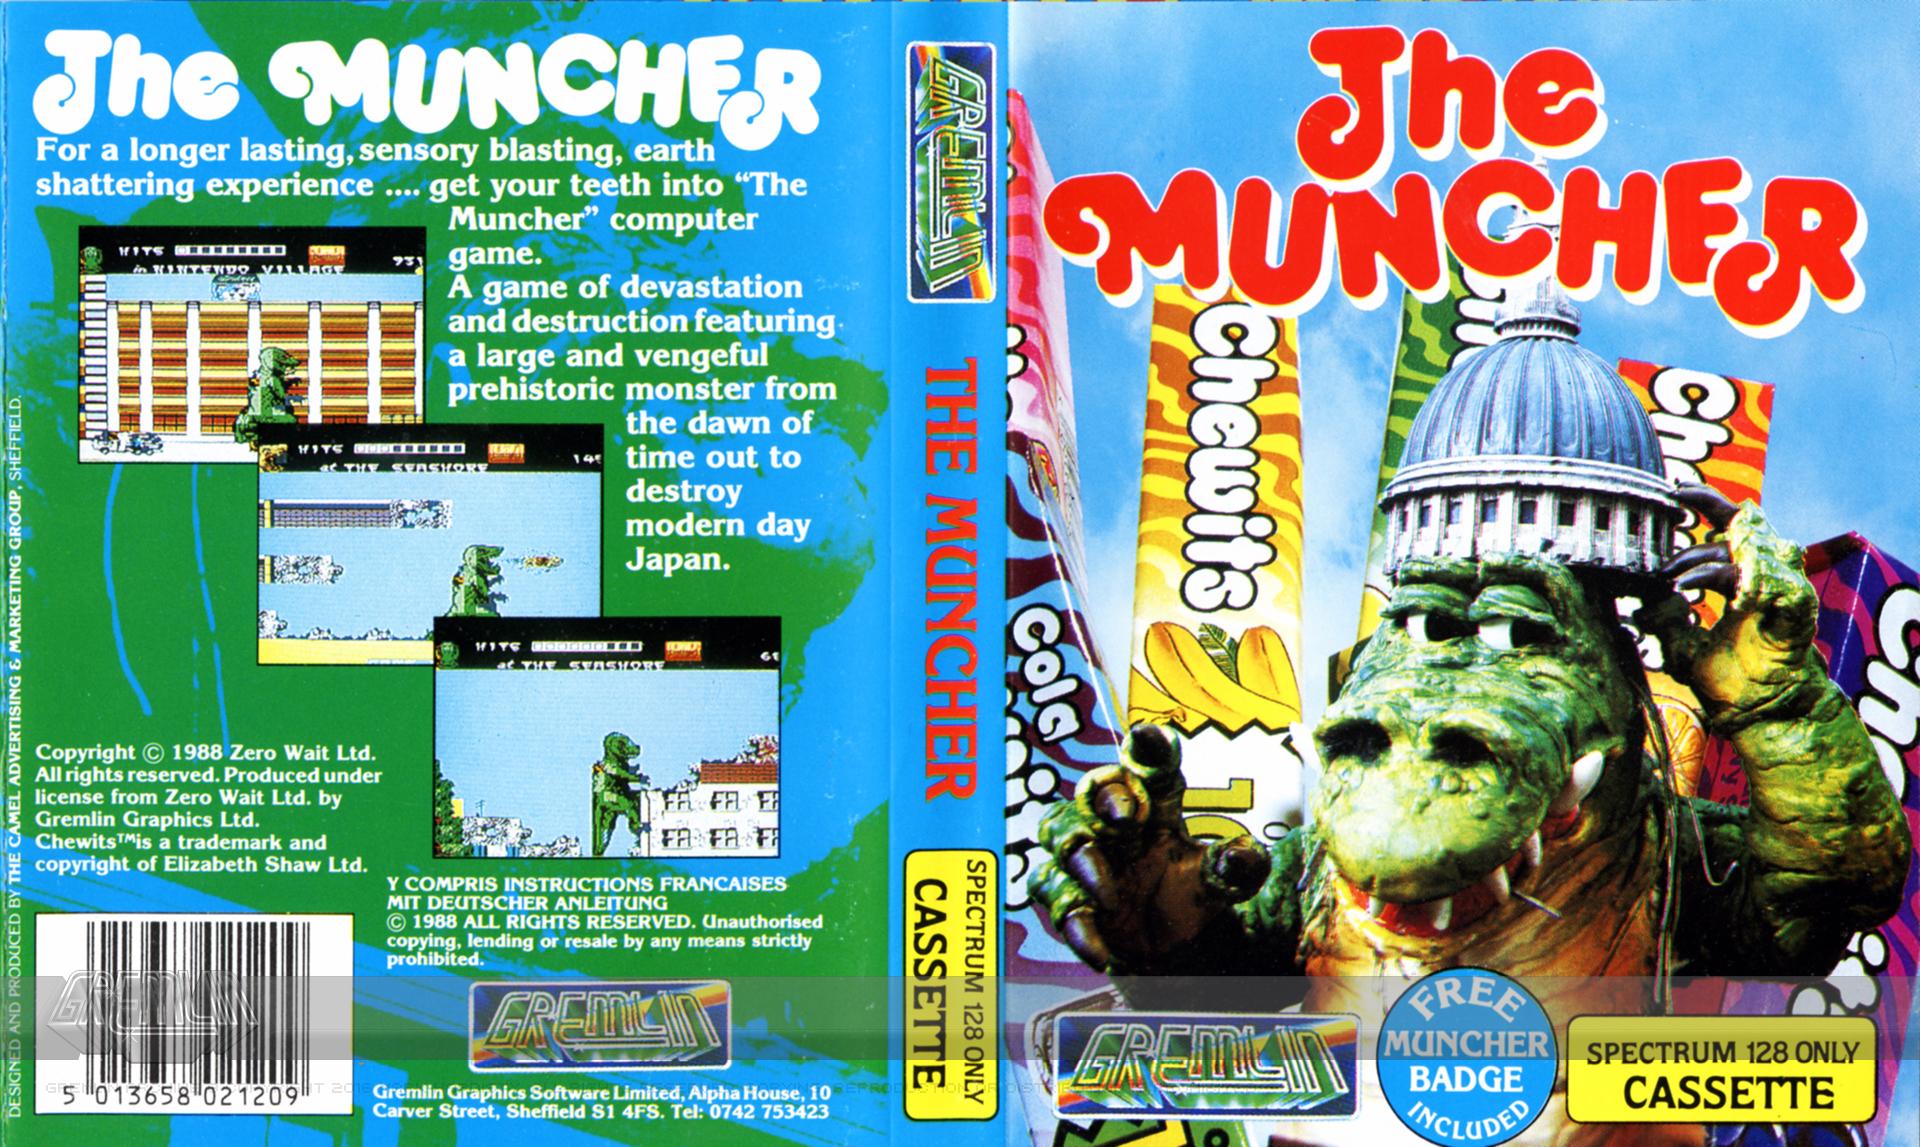 The Muncher